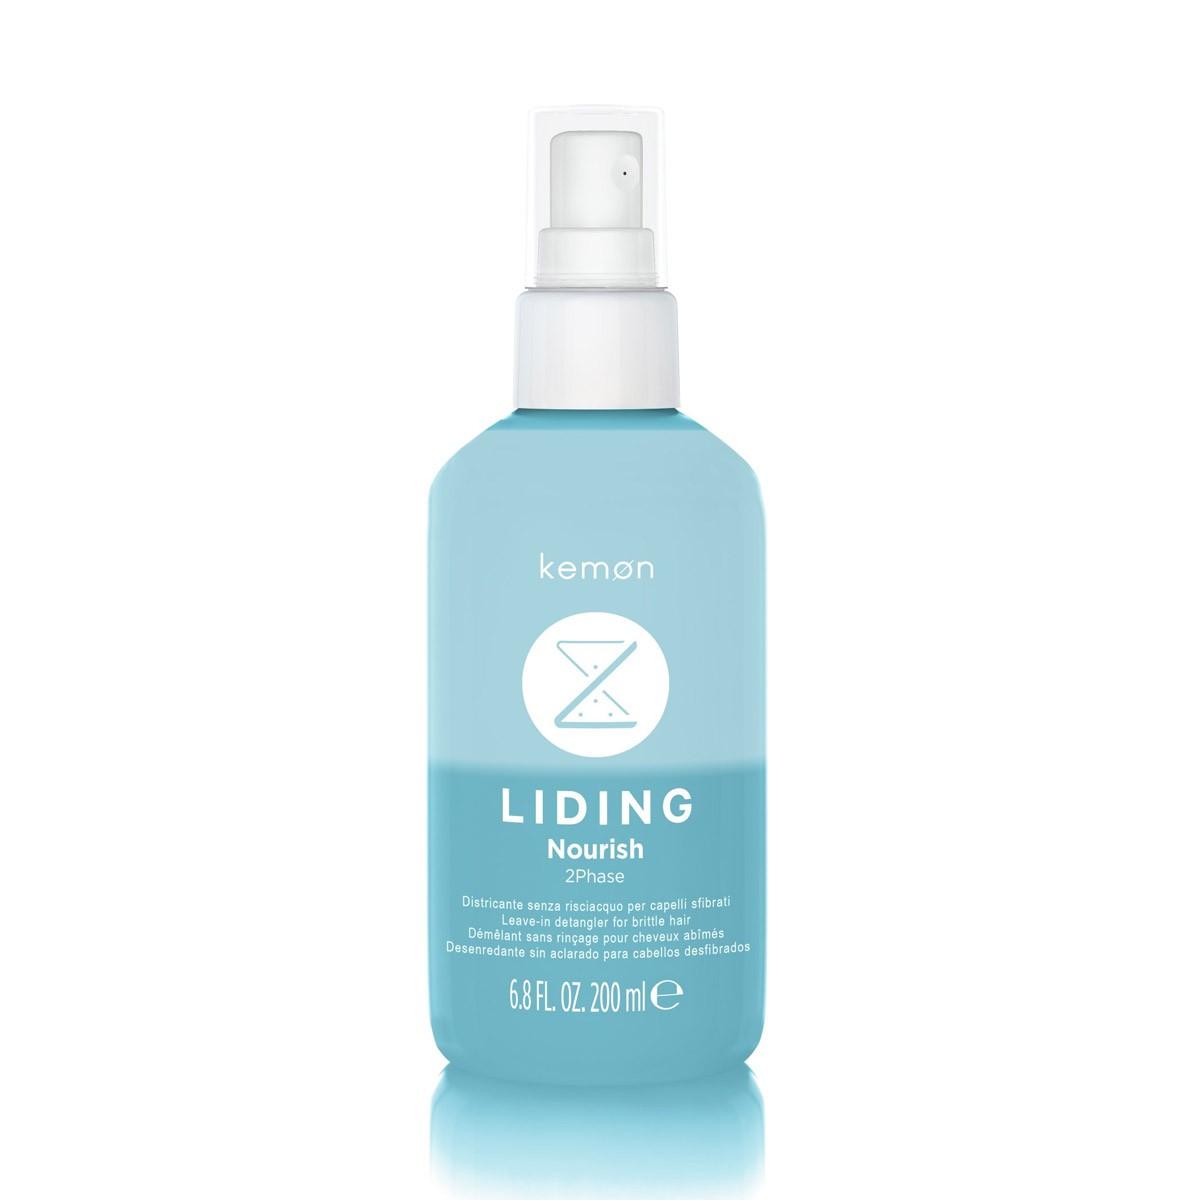 KEMON Liding Nourish Spray 2 Phase 200ml - Dwufazowy spray nawilżający i ułatwiający rozczesywanie